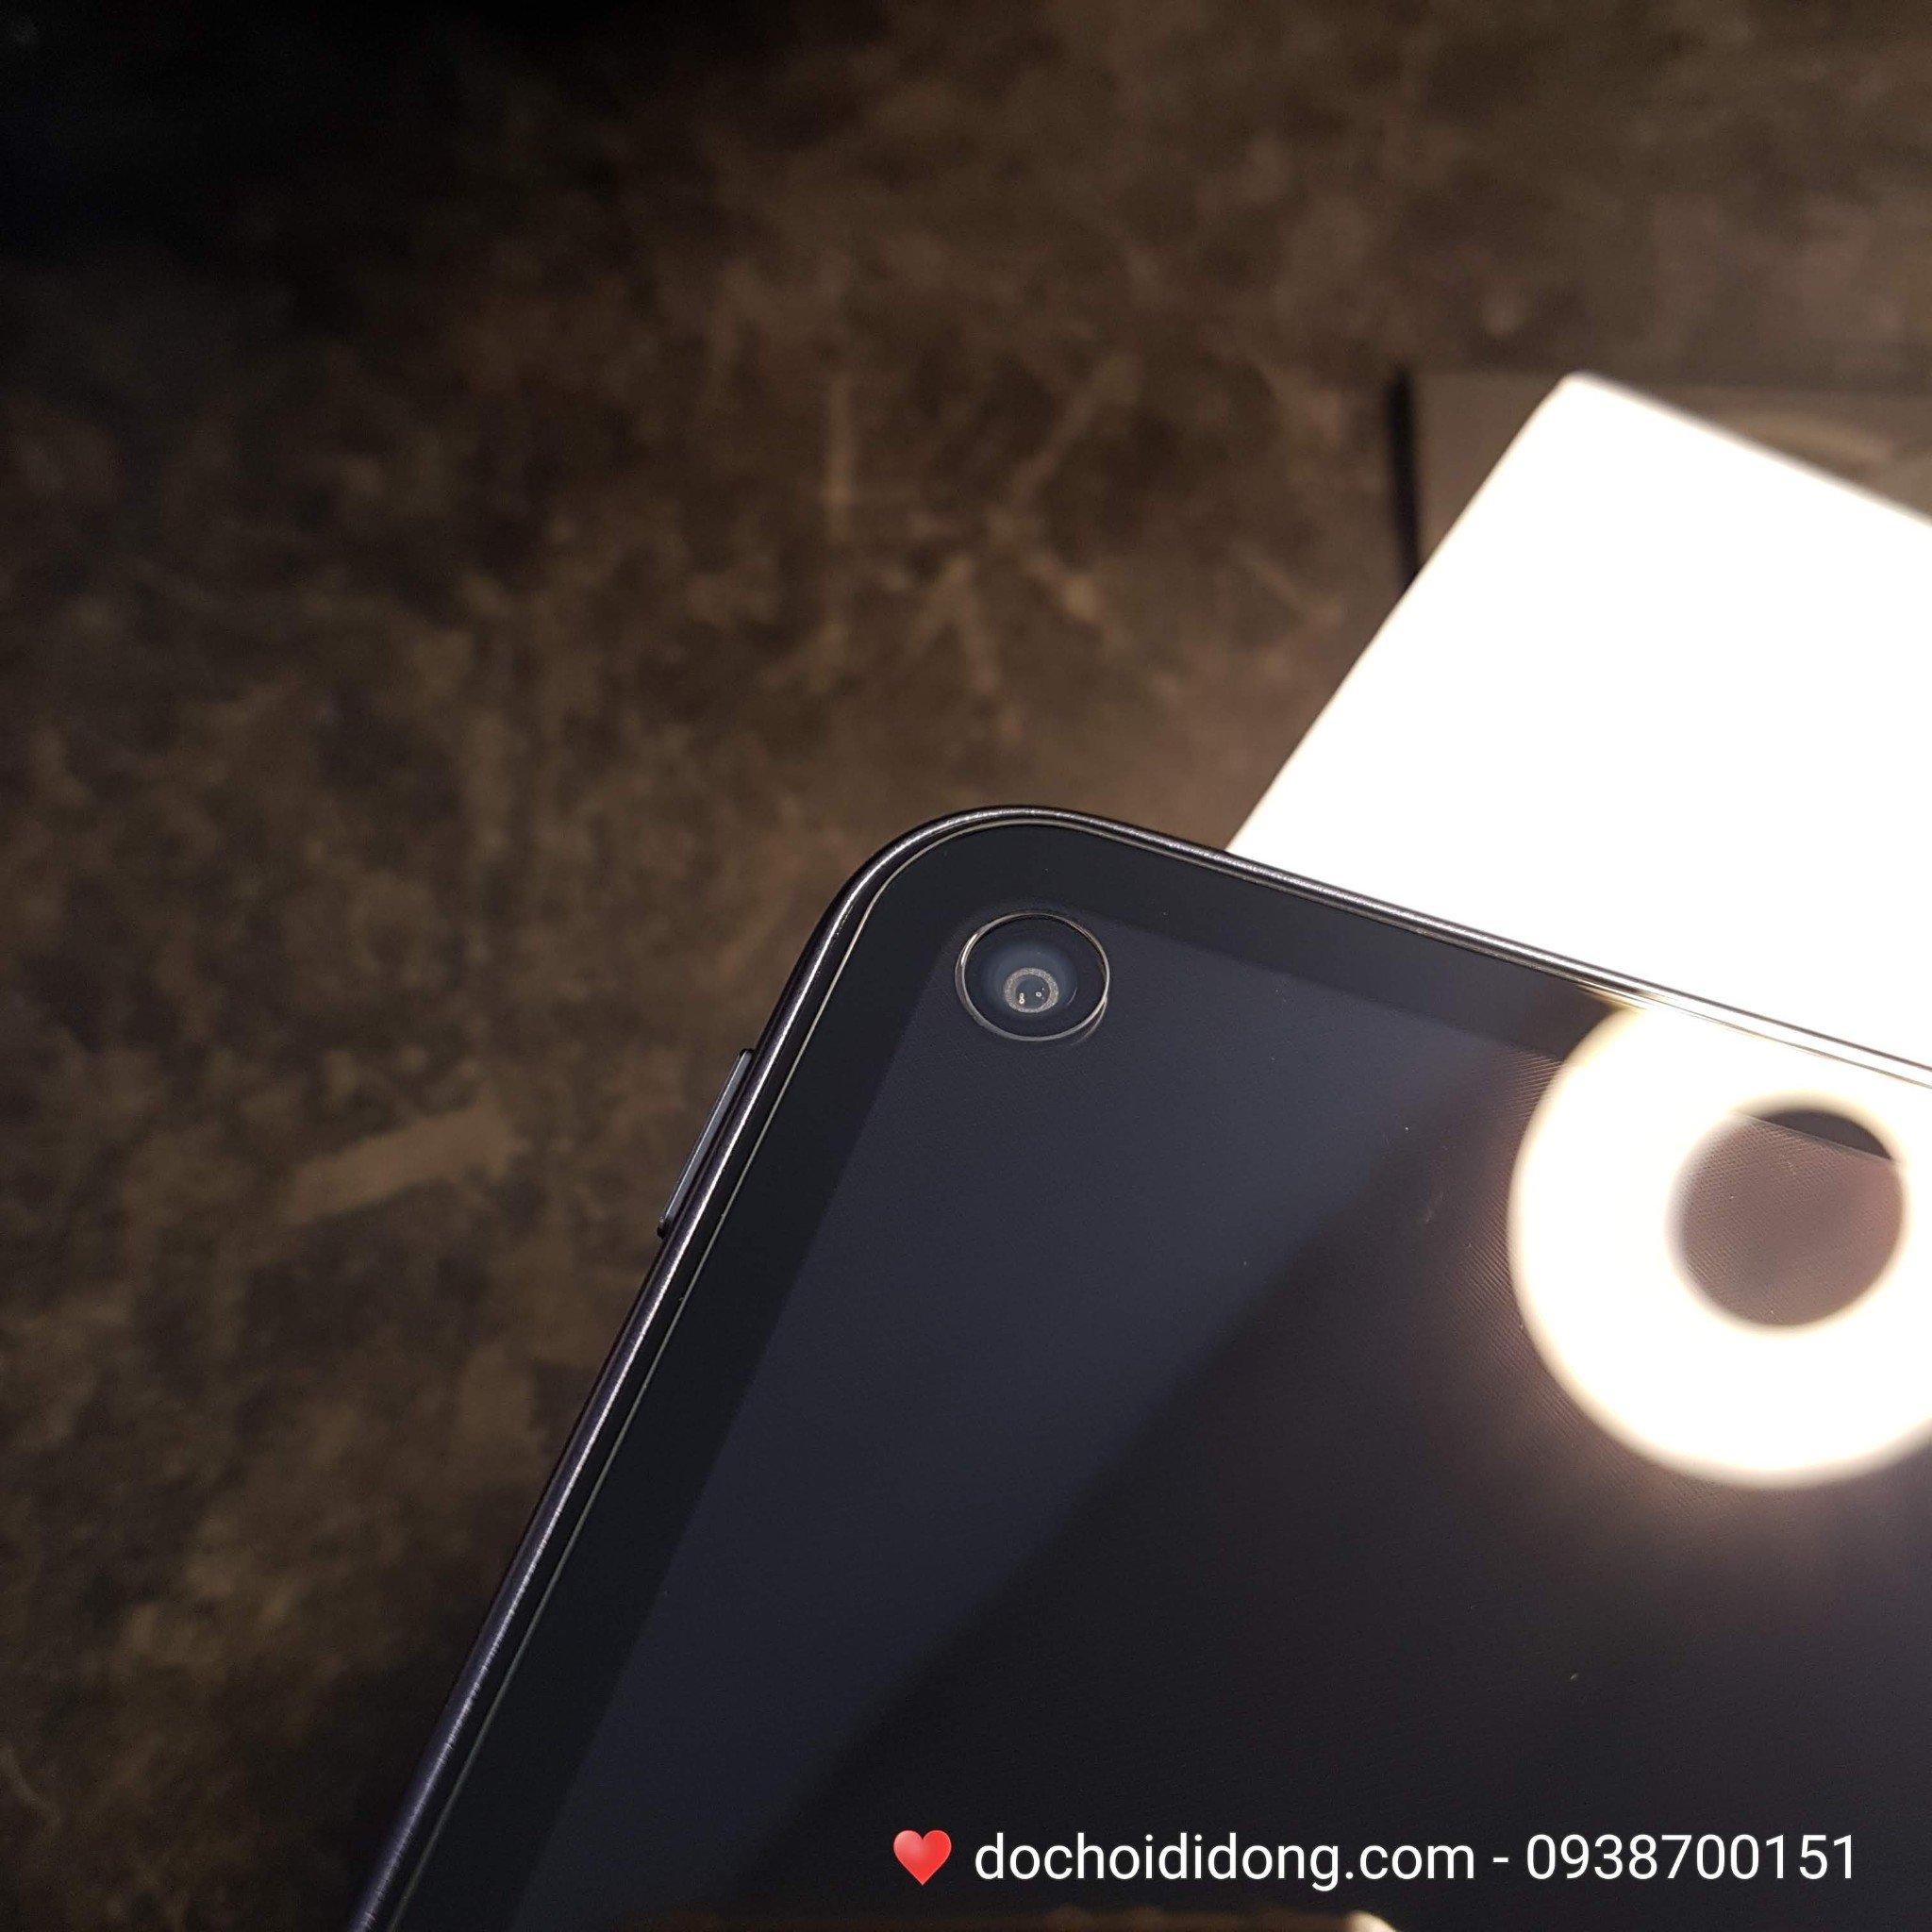 mieng-dan-cuong-luc-huawei-matepad-pro-10-8-inch-zacase-tablet-premium